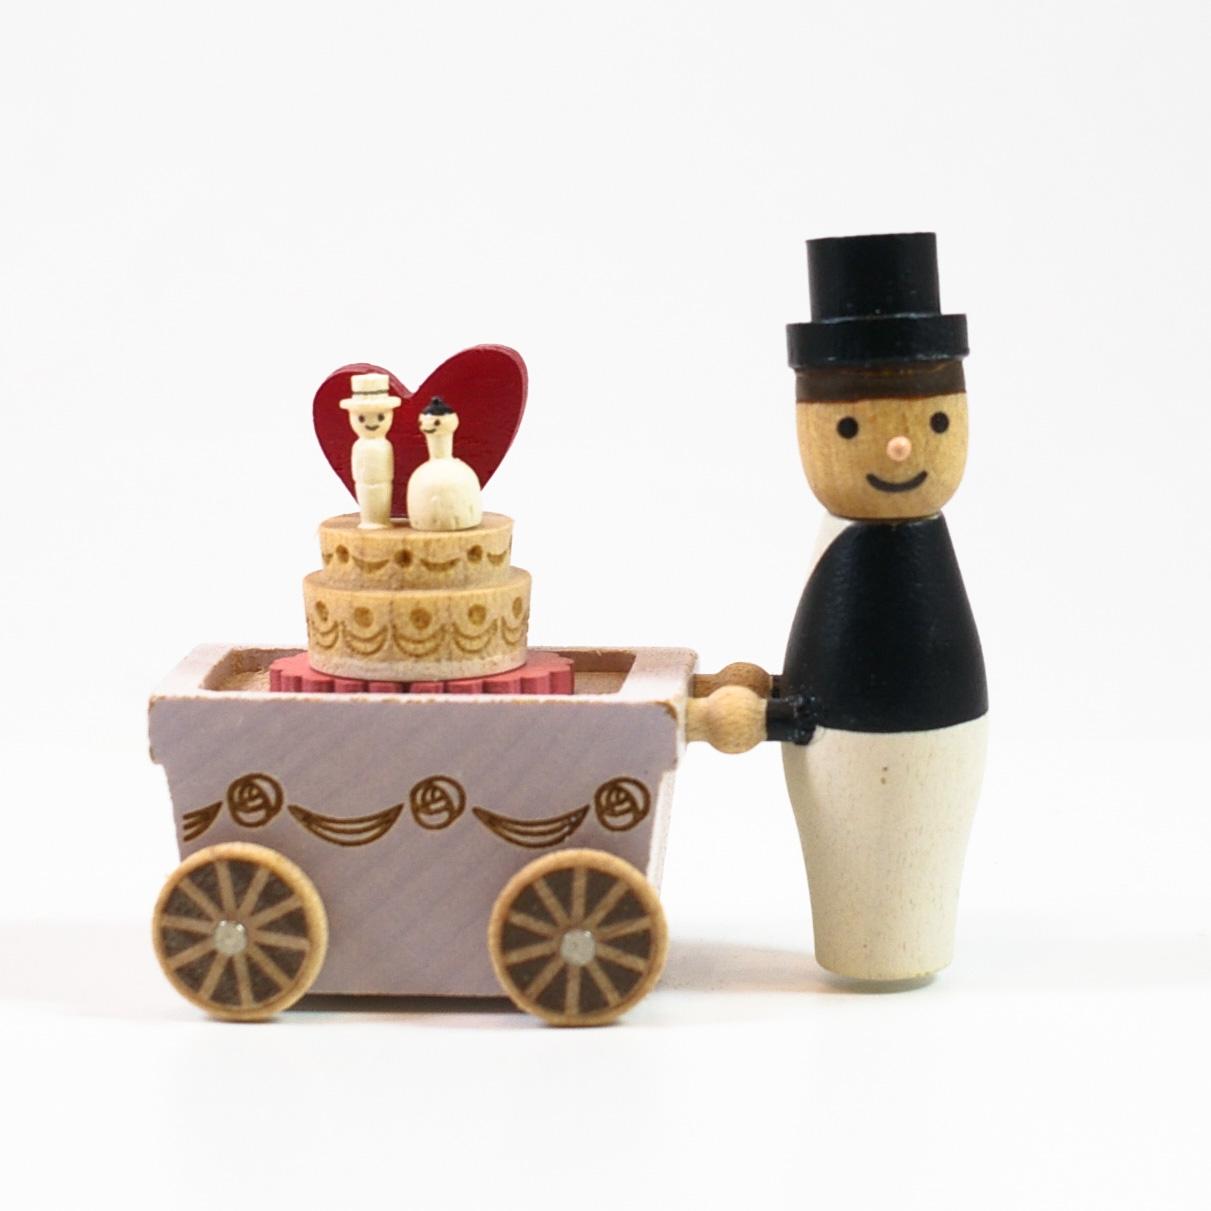 画像1: Lサイズ*可動 ウェディングケーキ 【 wooderful life DIYオルゴールオブジェ 】 (1)